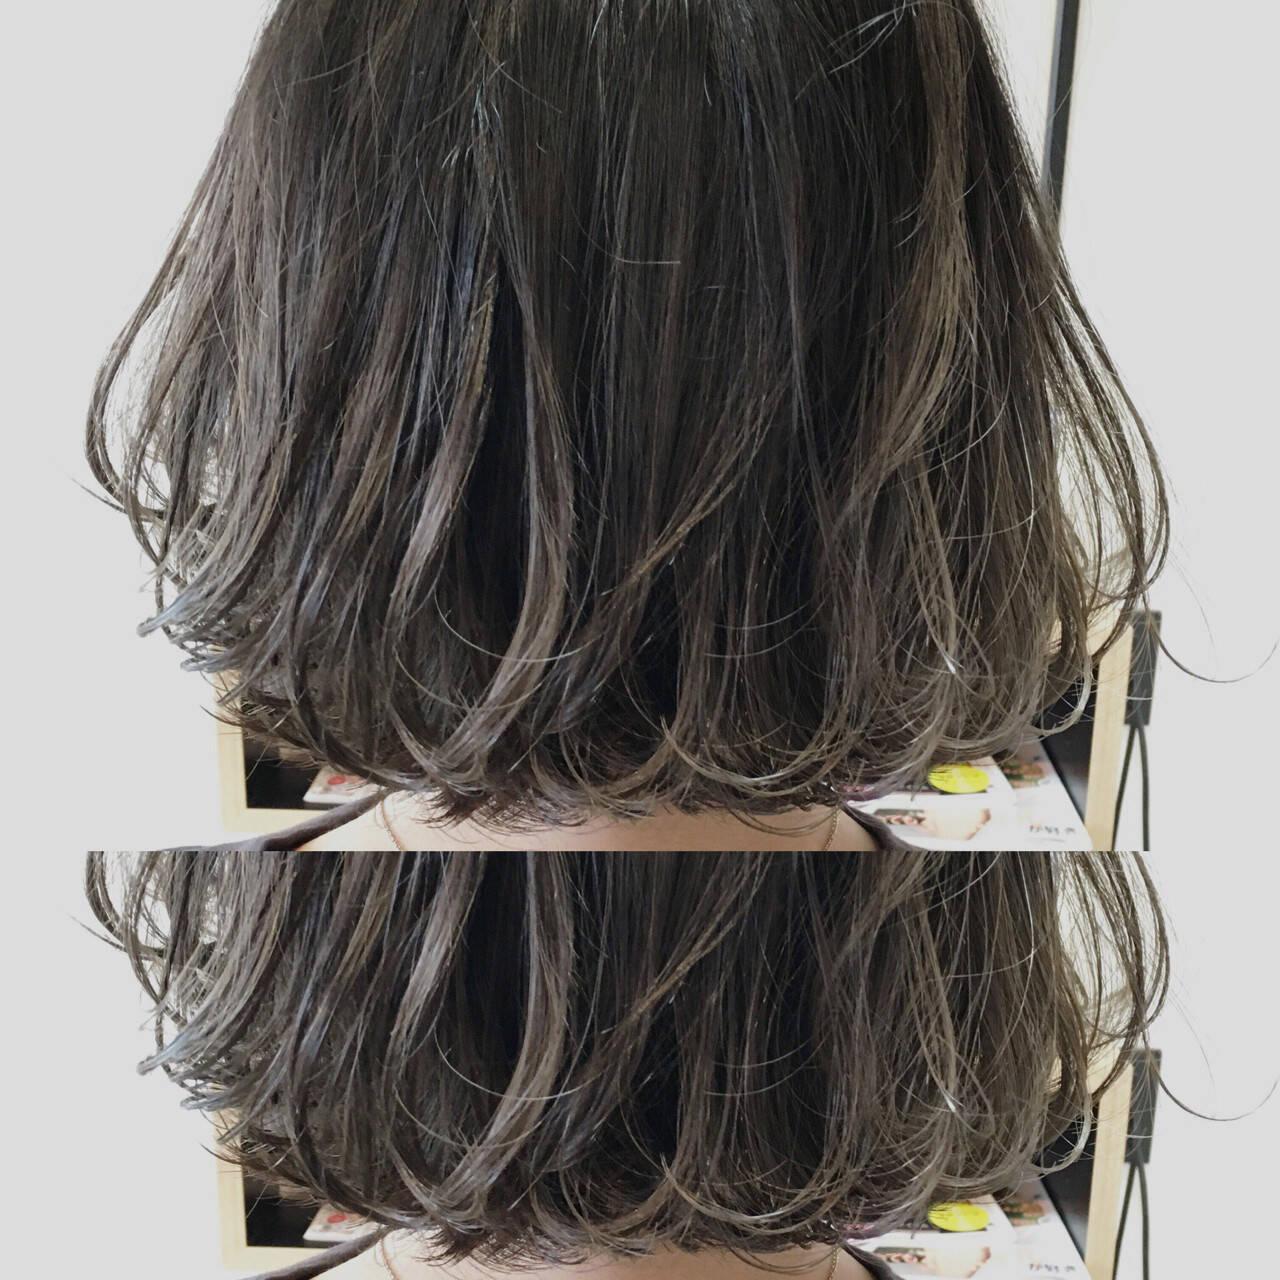 グレージュ ストリート グラデーションカラー ボブヘアスタイルや髪型の写真・画像